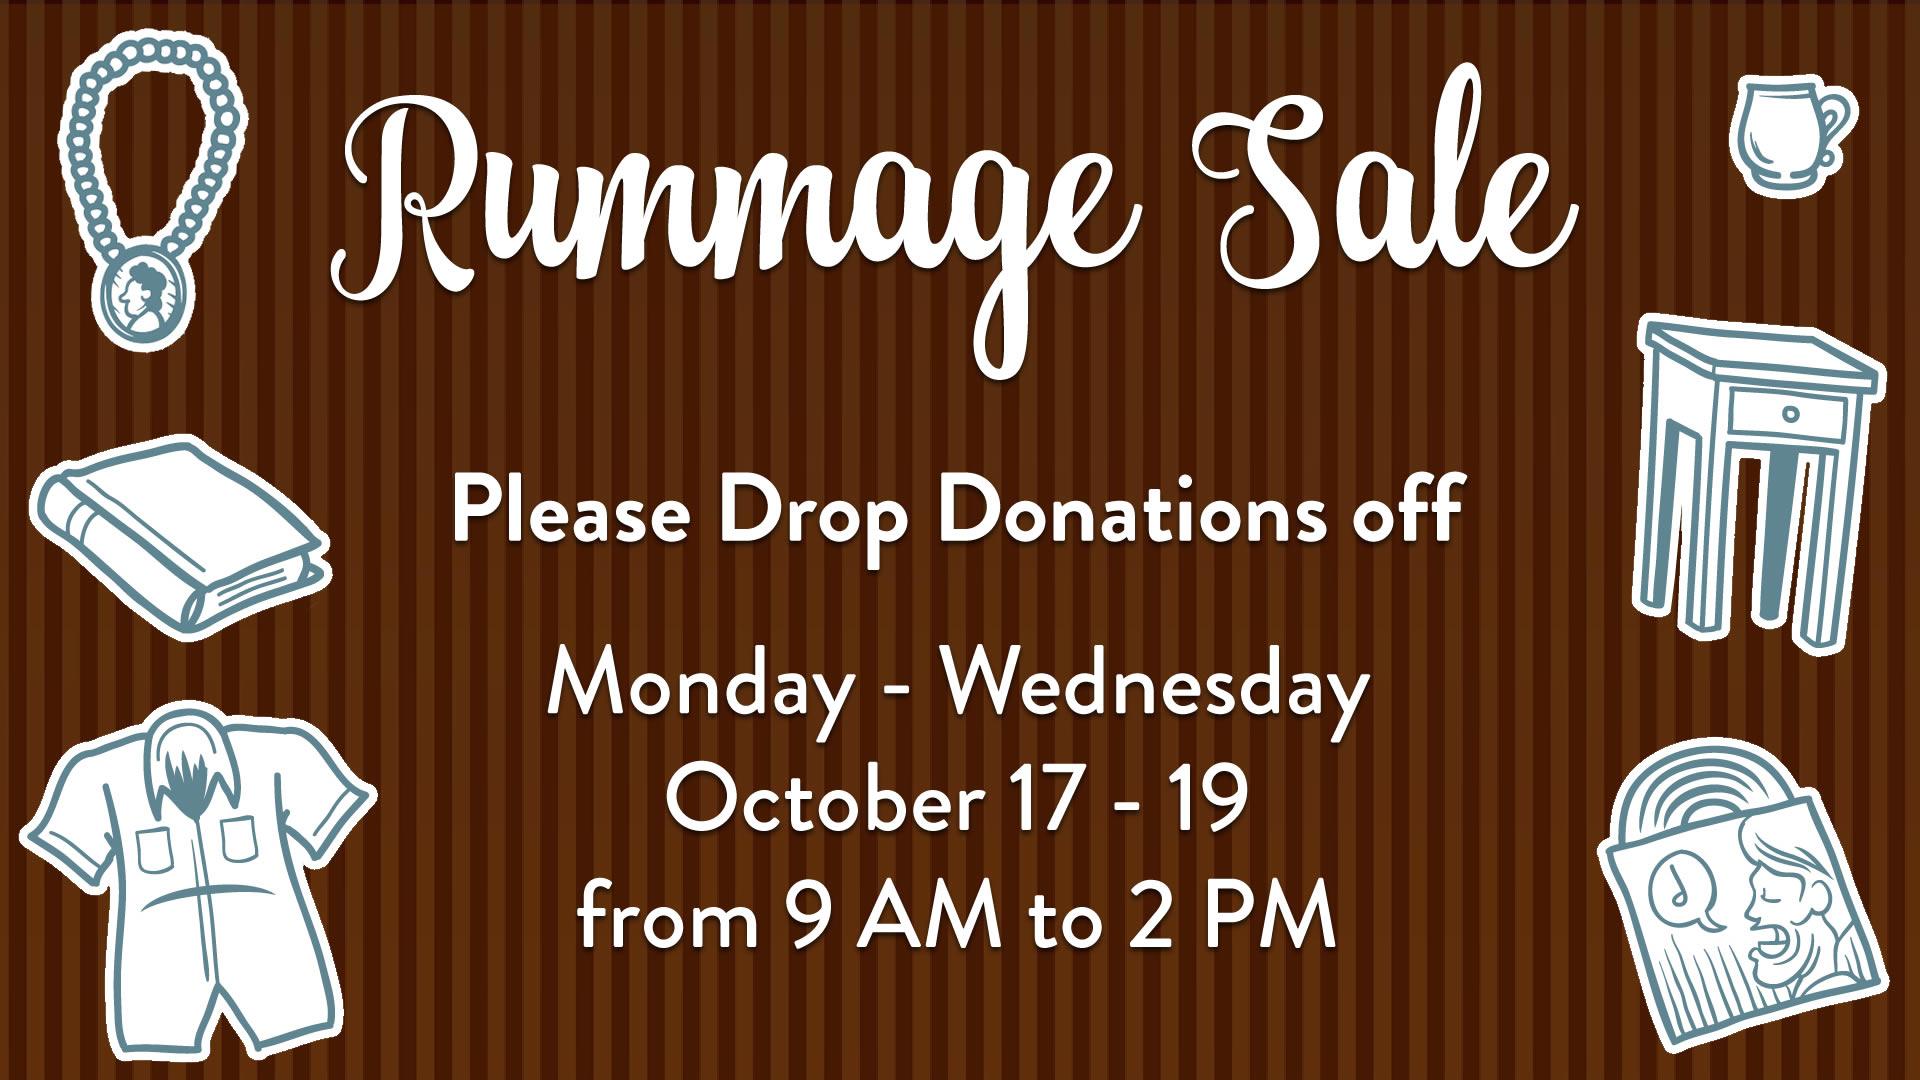 Rummage Sale Vid 3.jpg